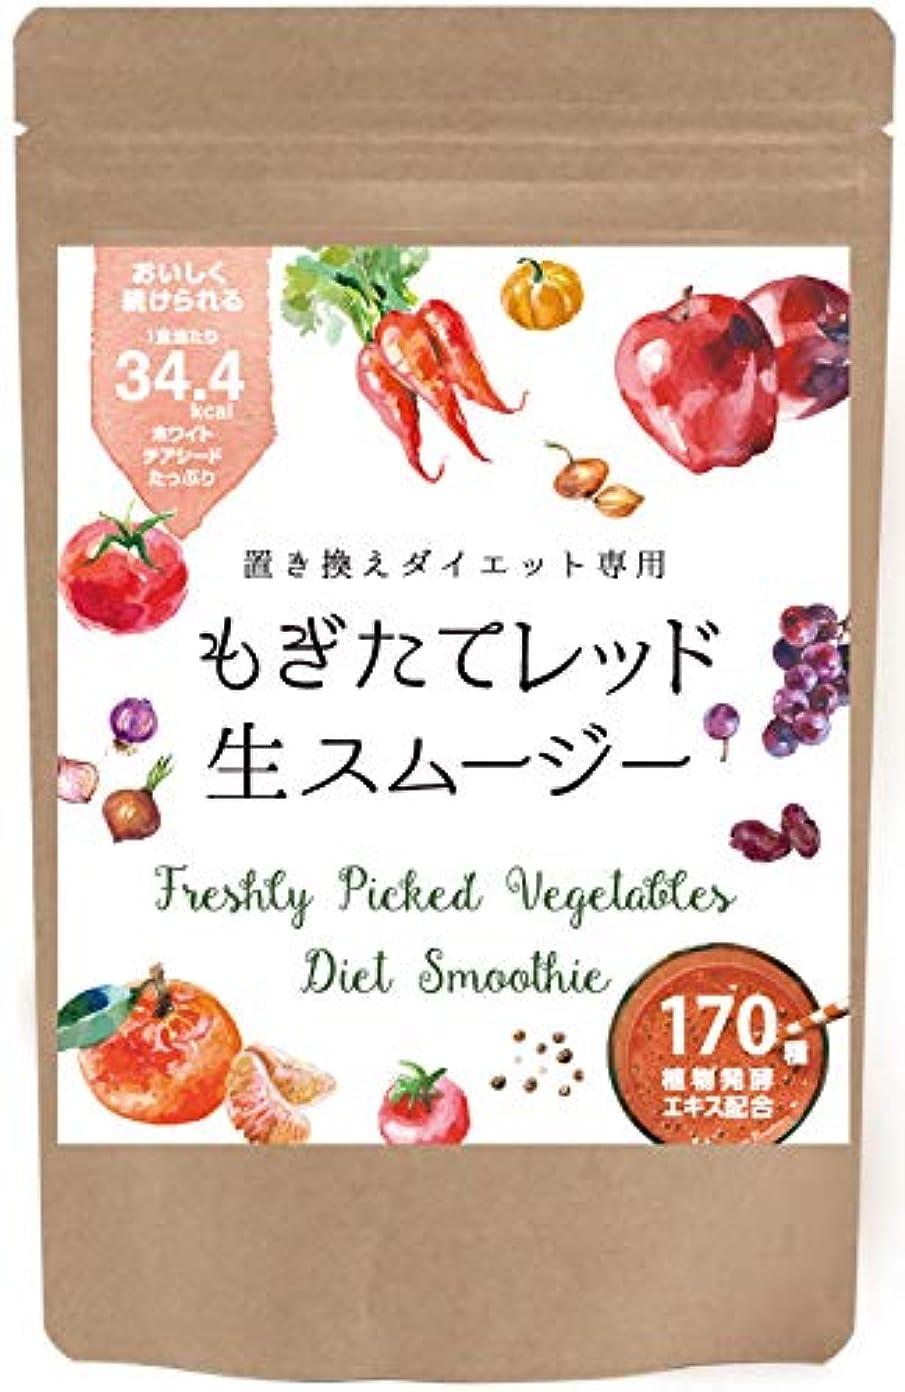 工業用敏感なふりをする紀州自然農園 置き換えダイエット専用 もぎたて 生スムージー 160g [32食] (レッド)